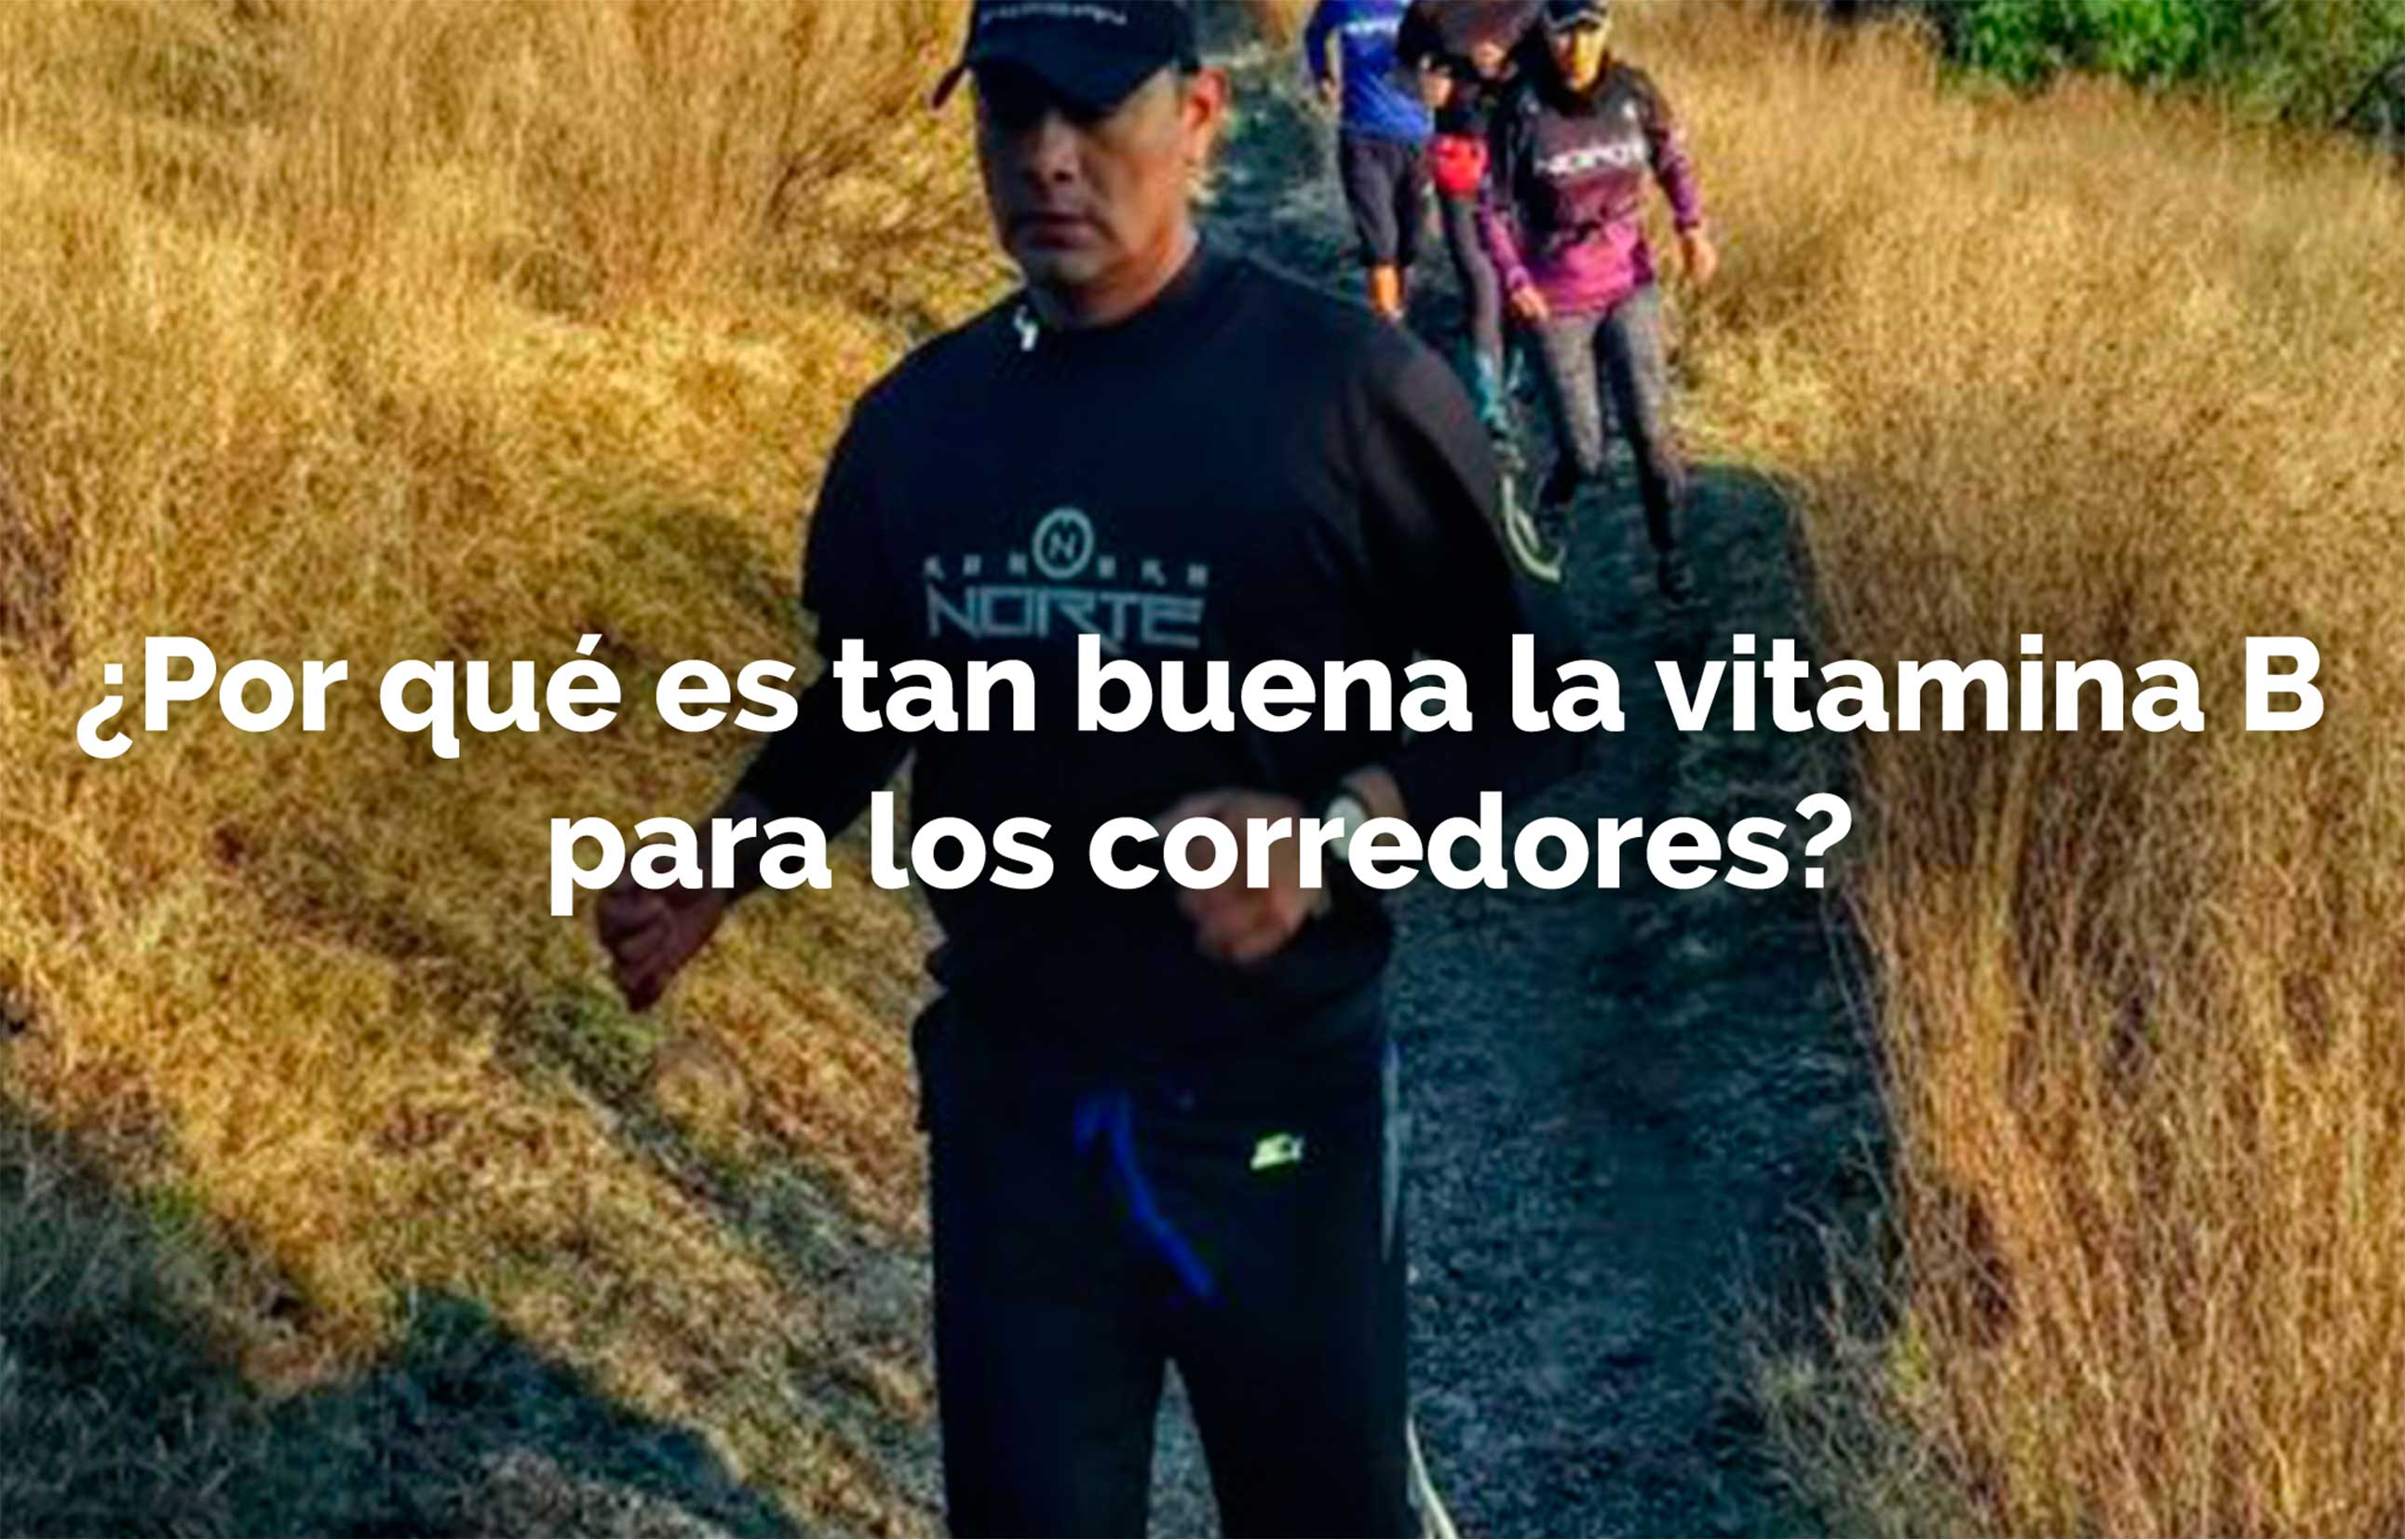 ¿Por qué es tan buena la vitamina B para los corredores?